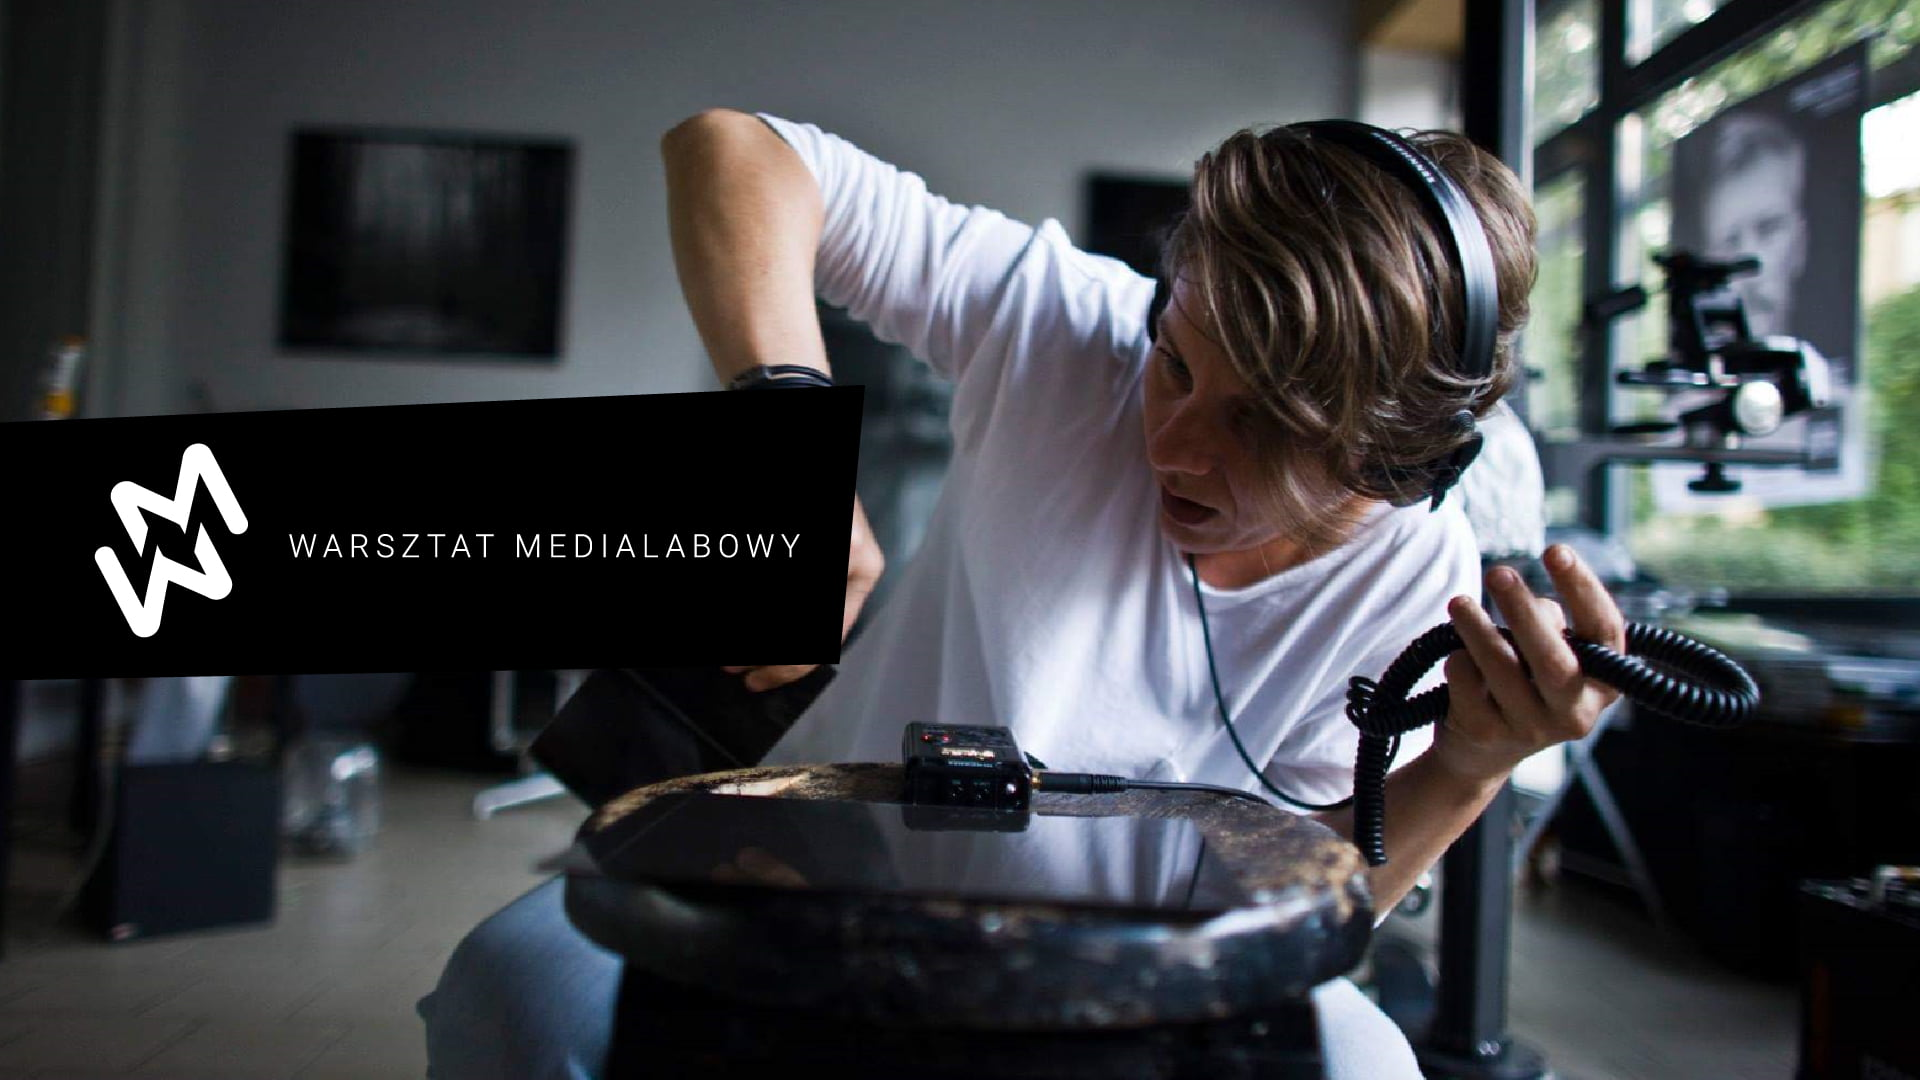 Chłopak siedzący w pokoju ze słuchawkami. W ręku trzyma kabel od słuchawek. Po lewej stronie napis Warsztat Medialabowy.